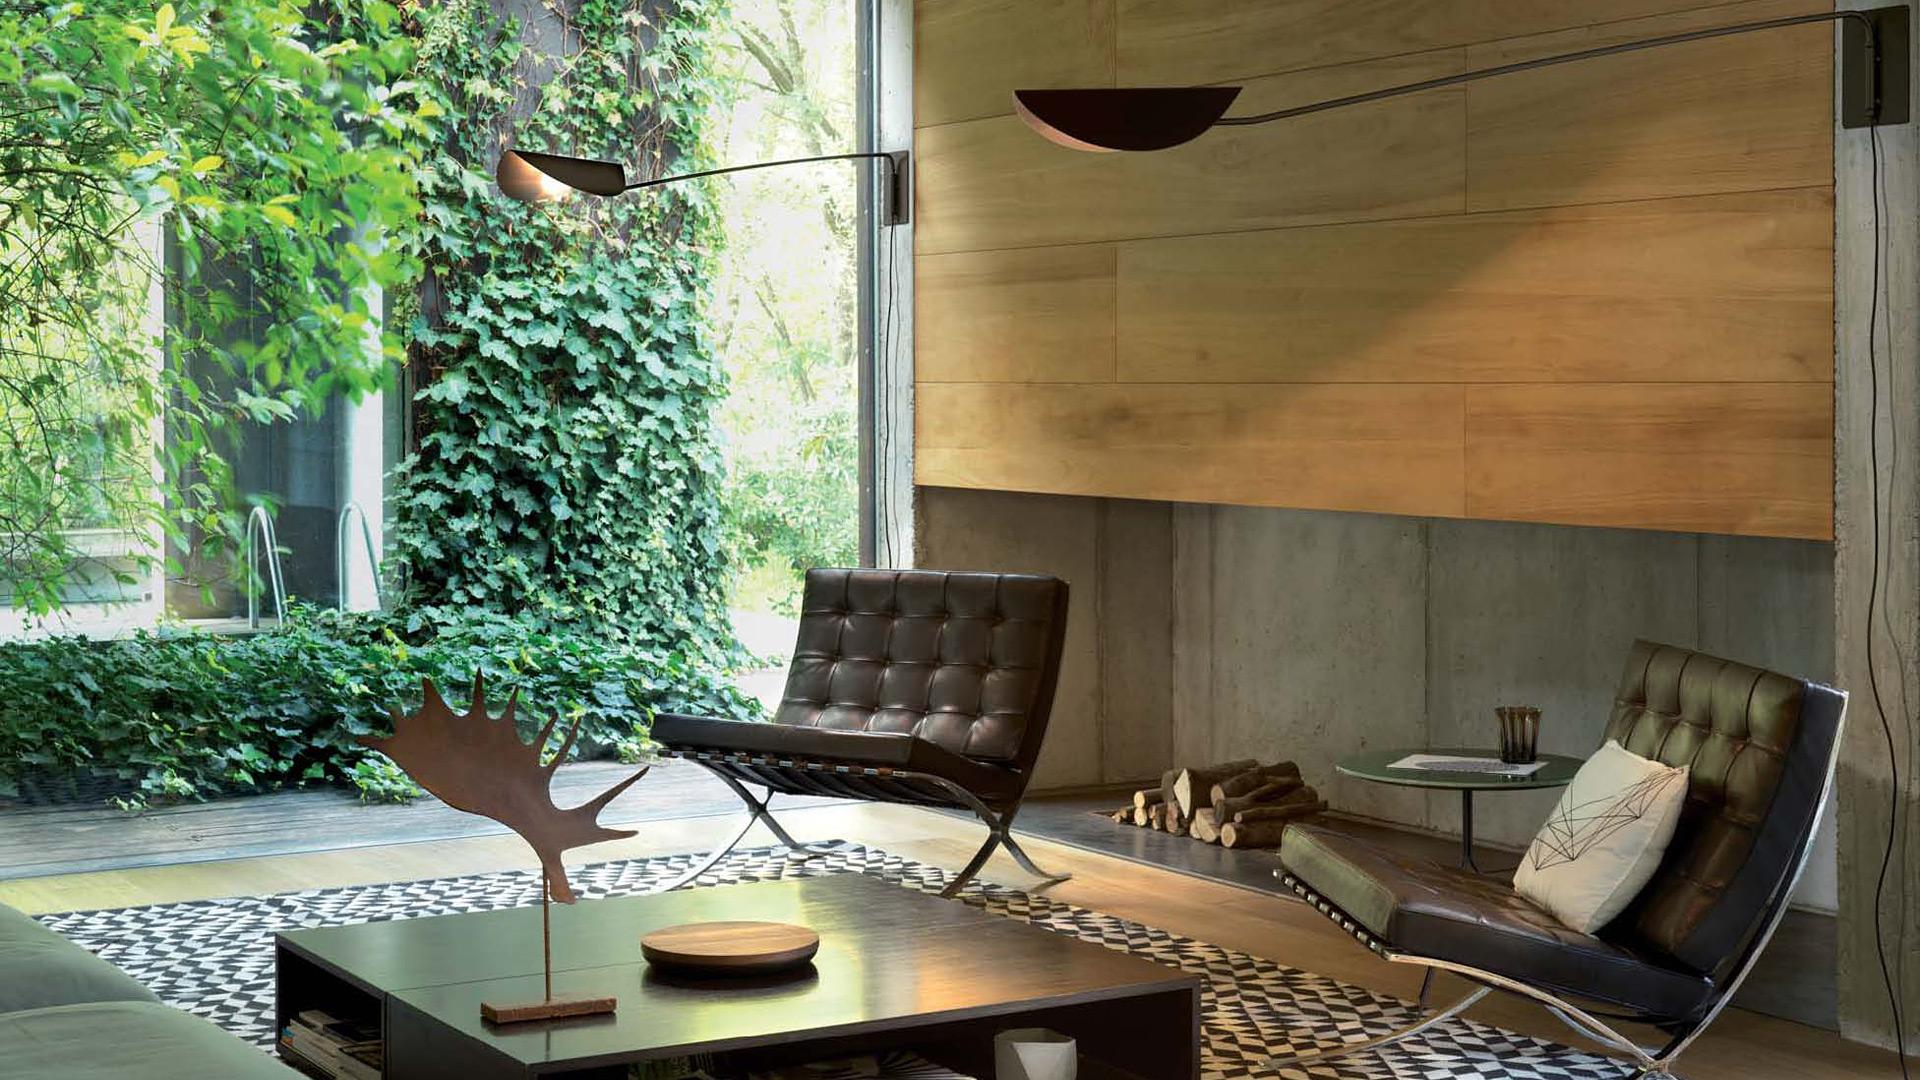 Plume - 159, designer Christophe Pillet